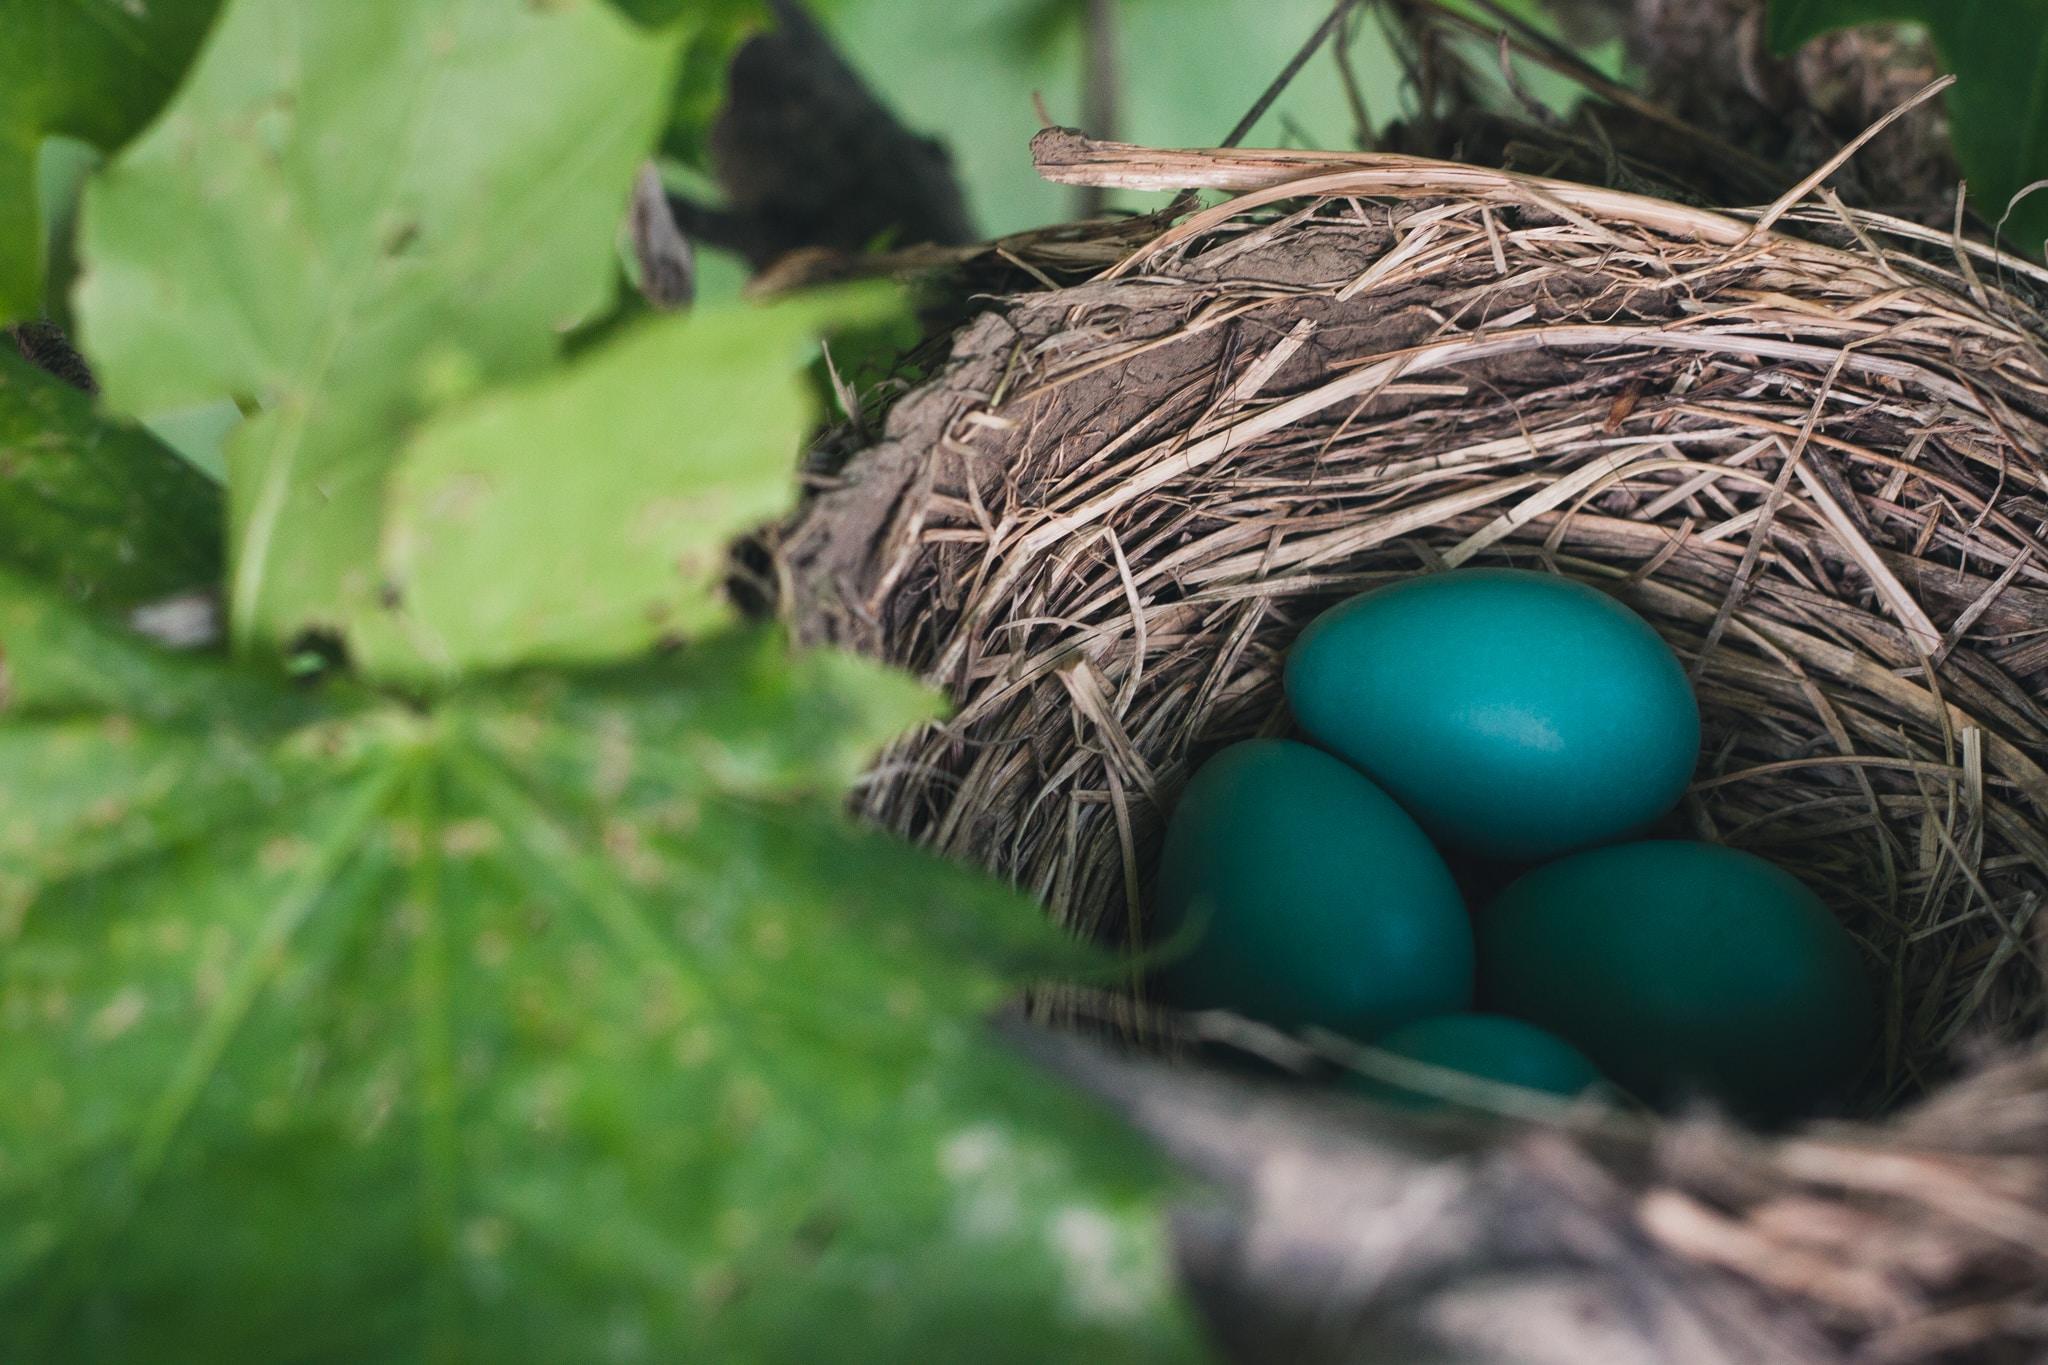 blue eggs on nest